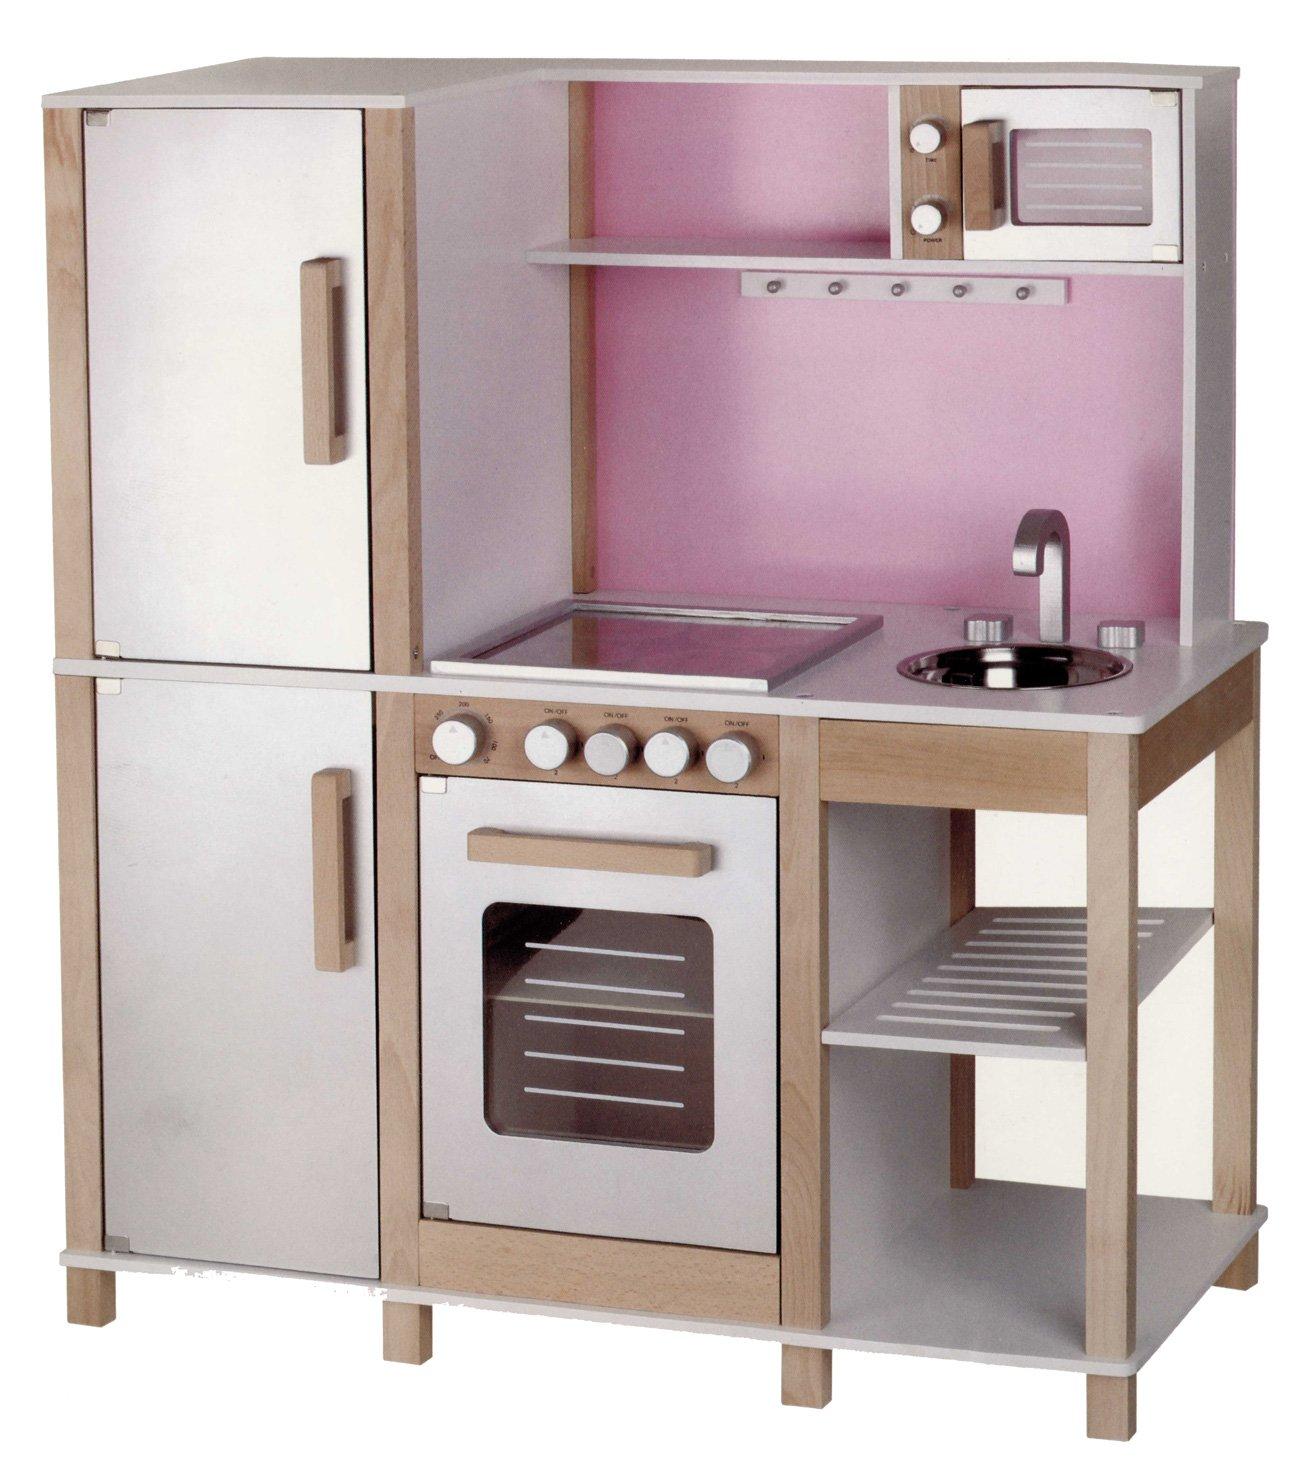 SUN Kinderküche mit Mikrowelle, Rosa